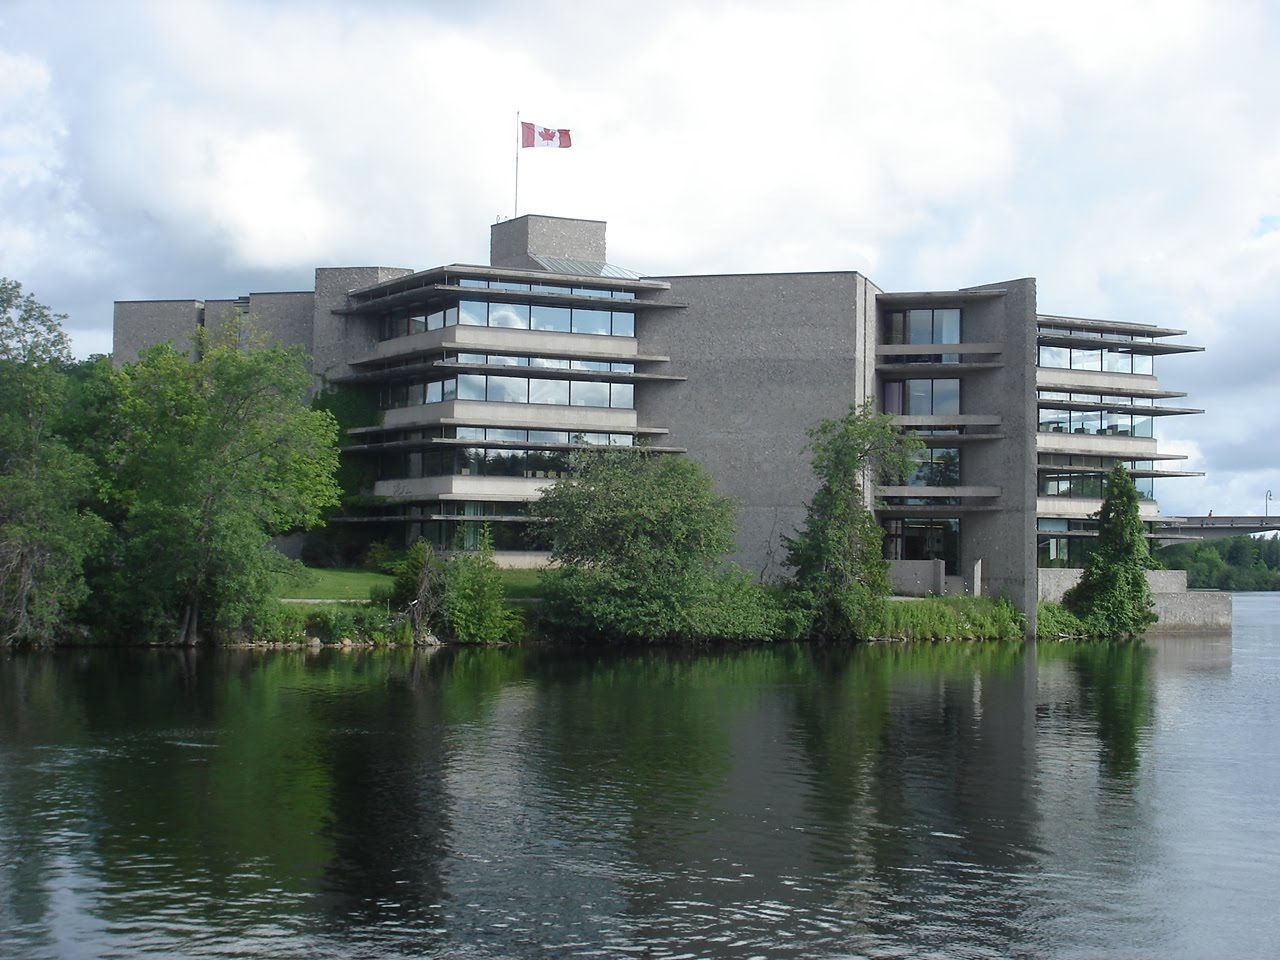 Trent University - Ontario